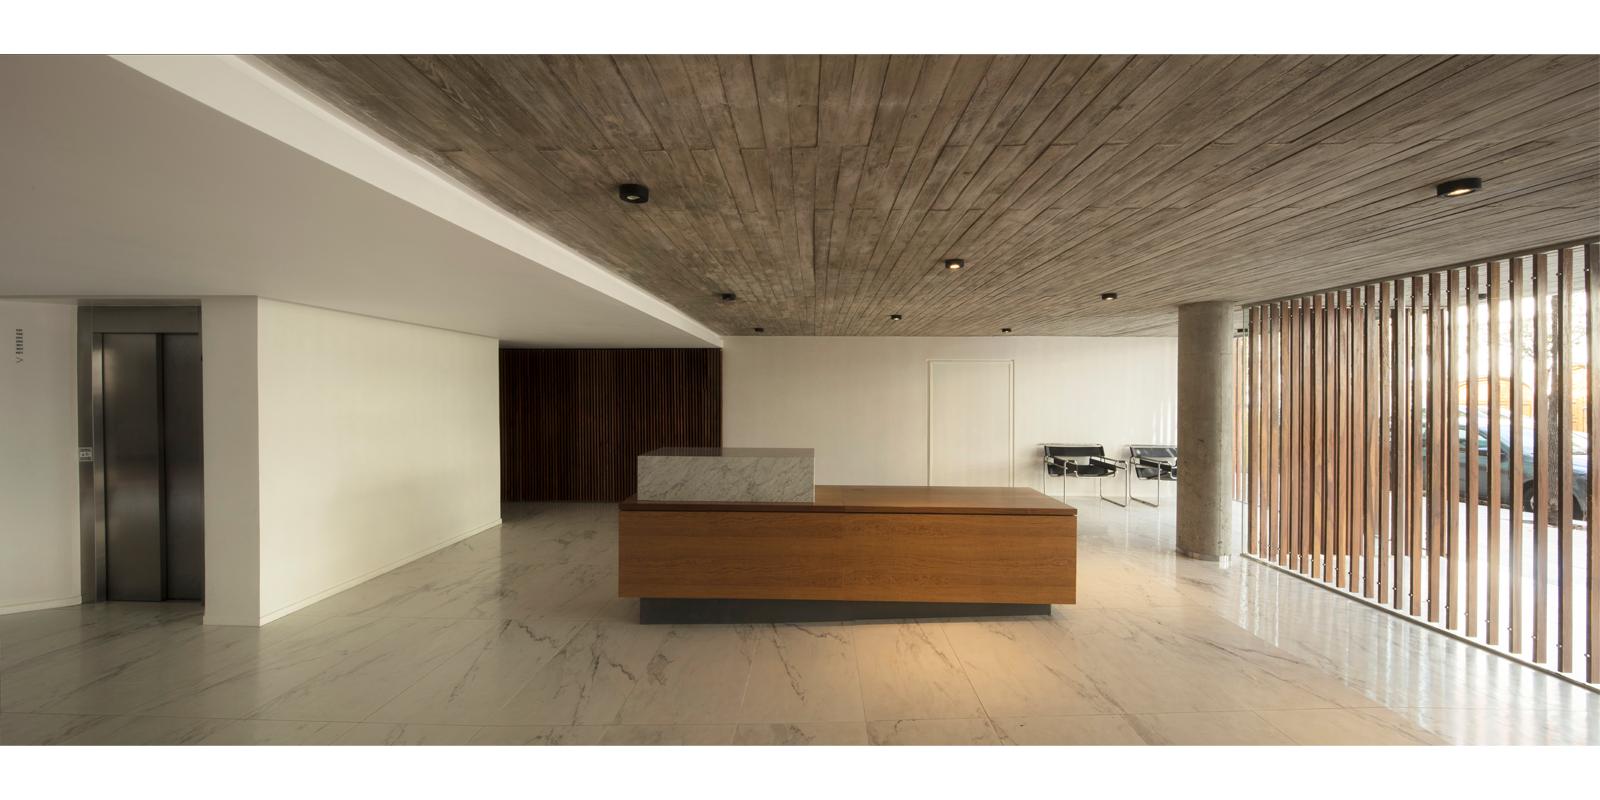 ProyectoC_Arquitectos_Portfolio_06_EnriqueMartinez